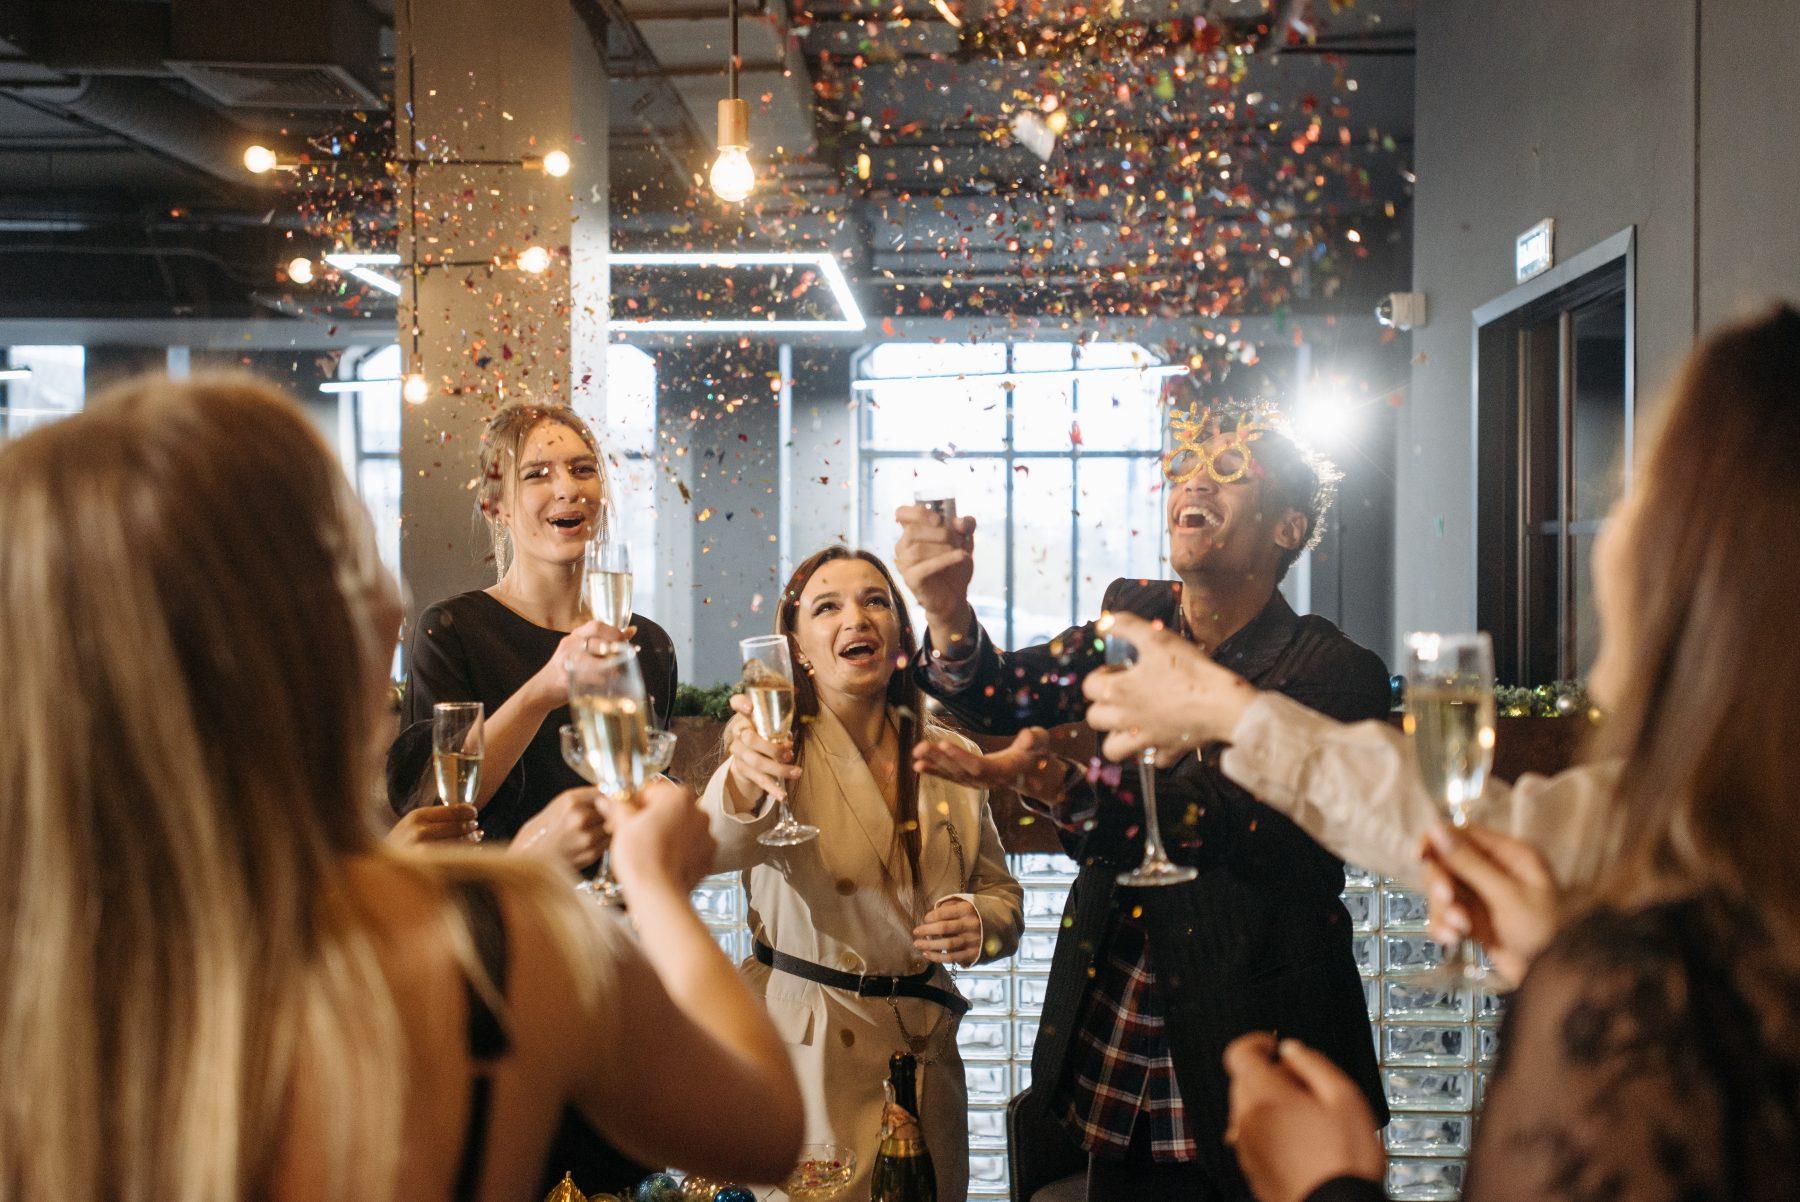 Nadja crashte onbewust de verkeerde kerstborrel: 'Stond ik wijn en bitterballen naar binnen te werken bij een heel ander bedrijf'